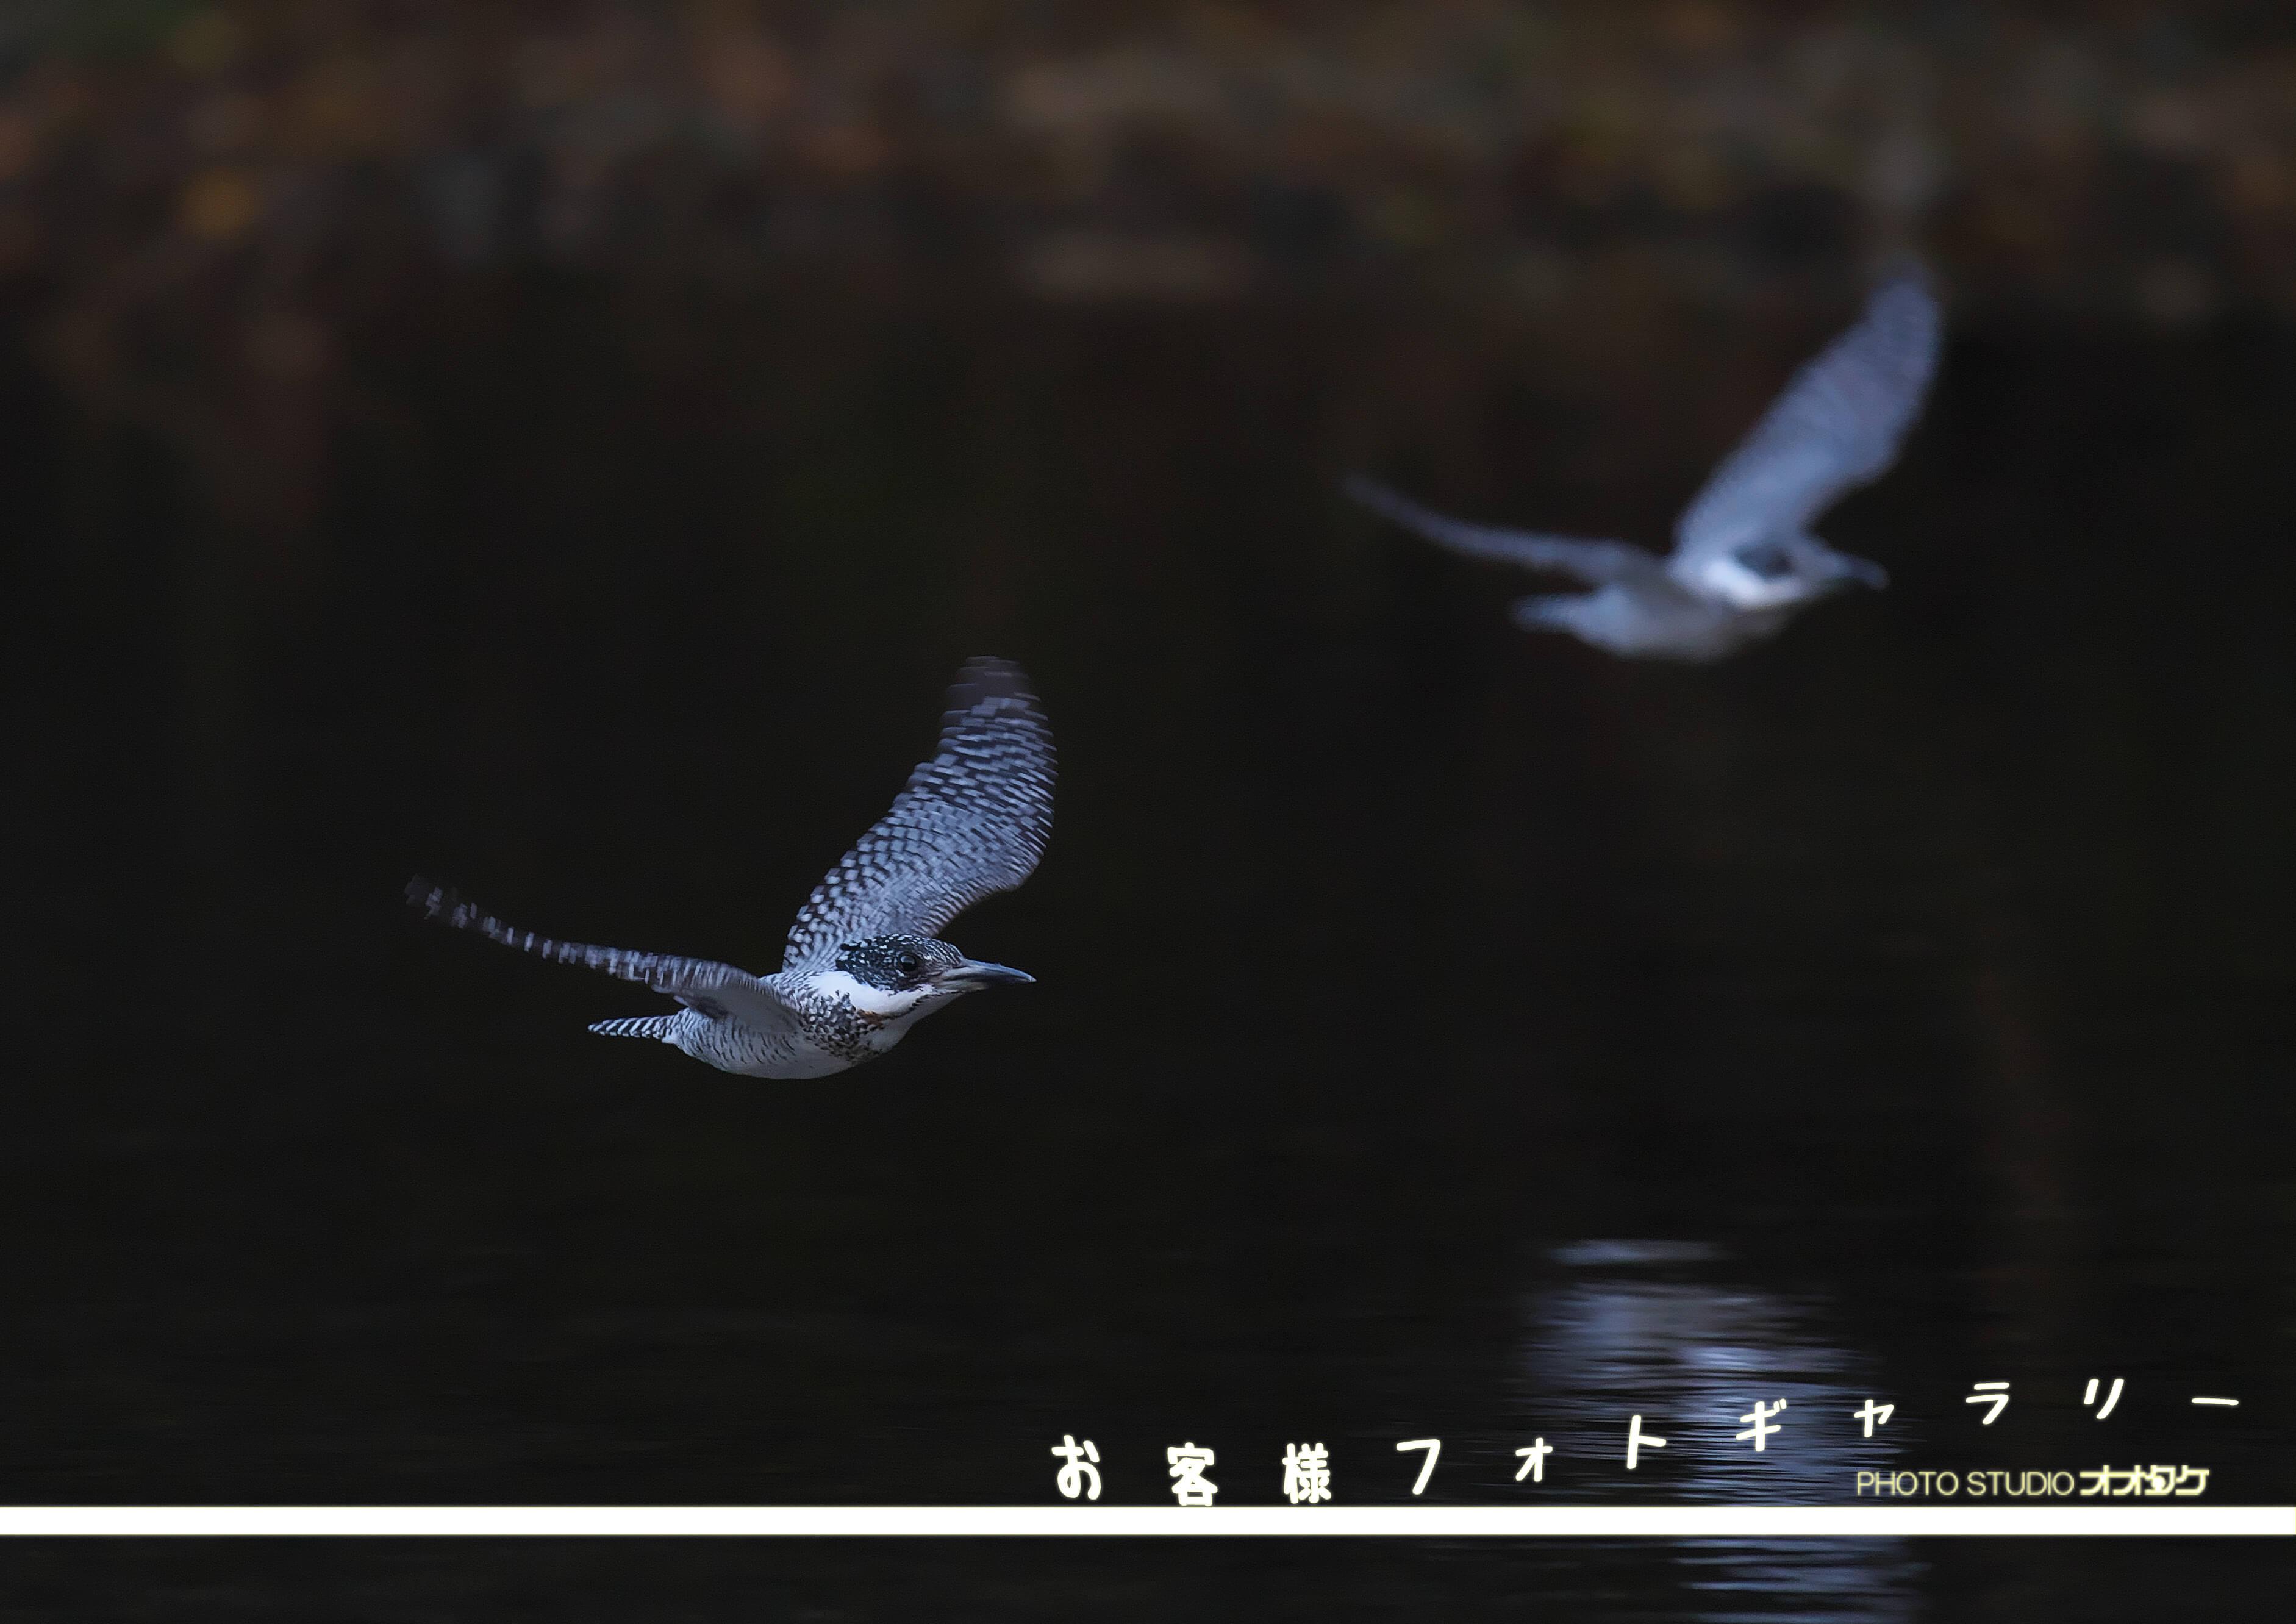 ヤマセミ,撮影,ガイド,オオタケカメラ